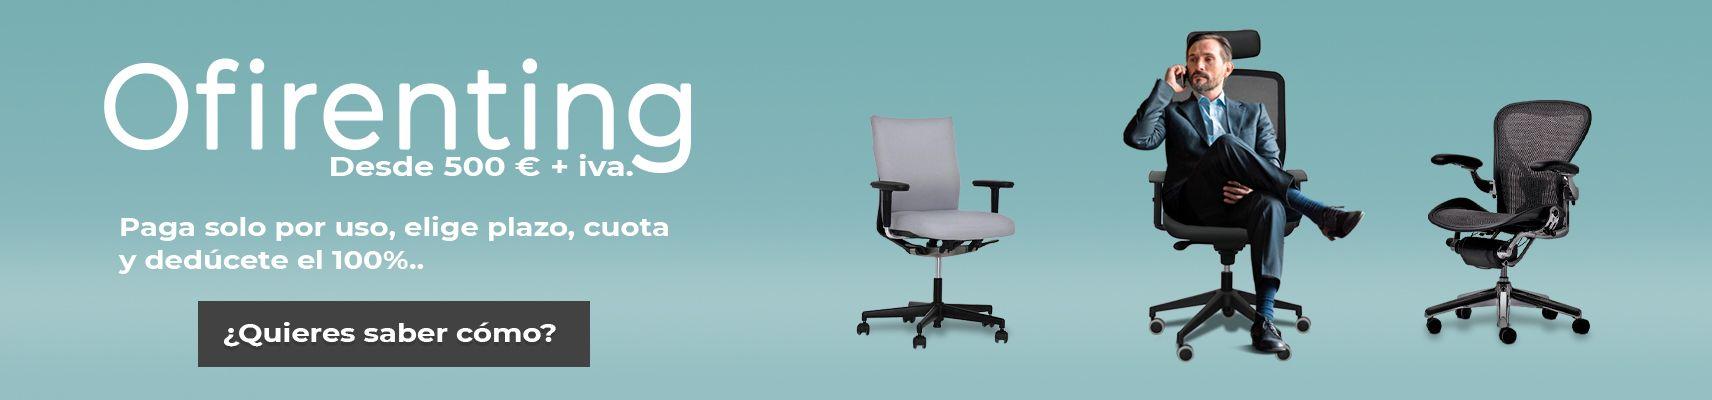 El renting de mobiliario para oficina ofrecido por Oficinas Montiel, muchas ventajas económicas para tu empresa